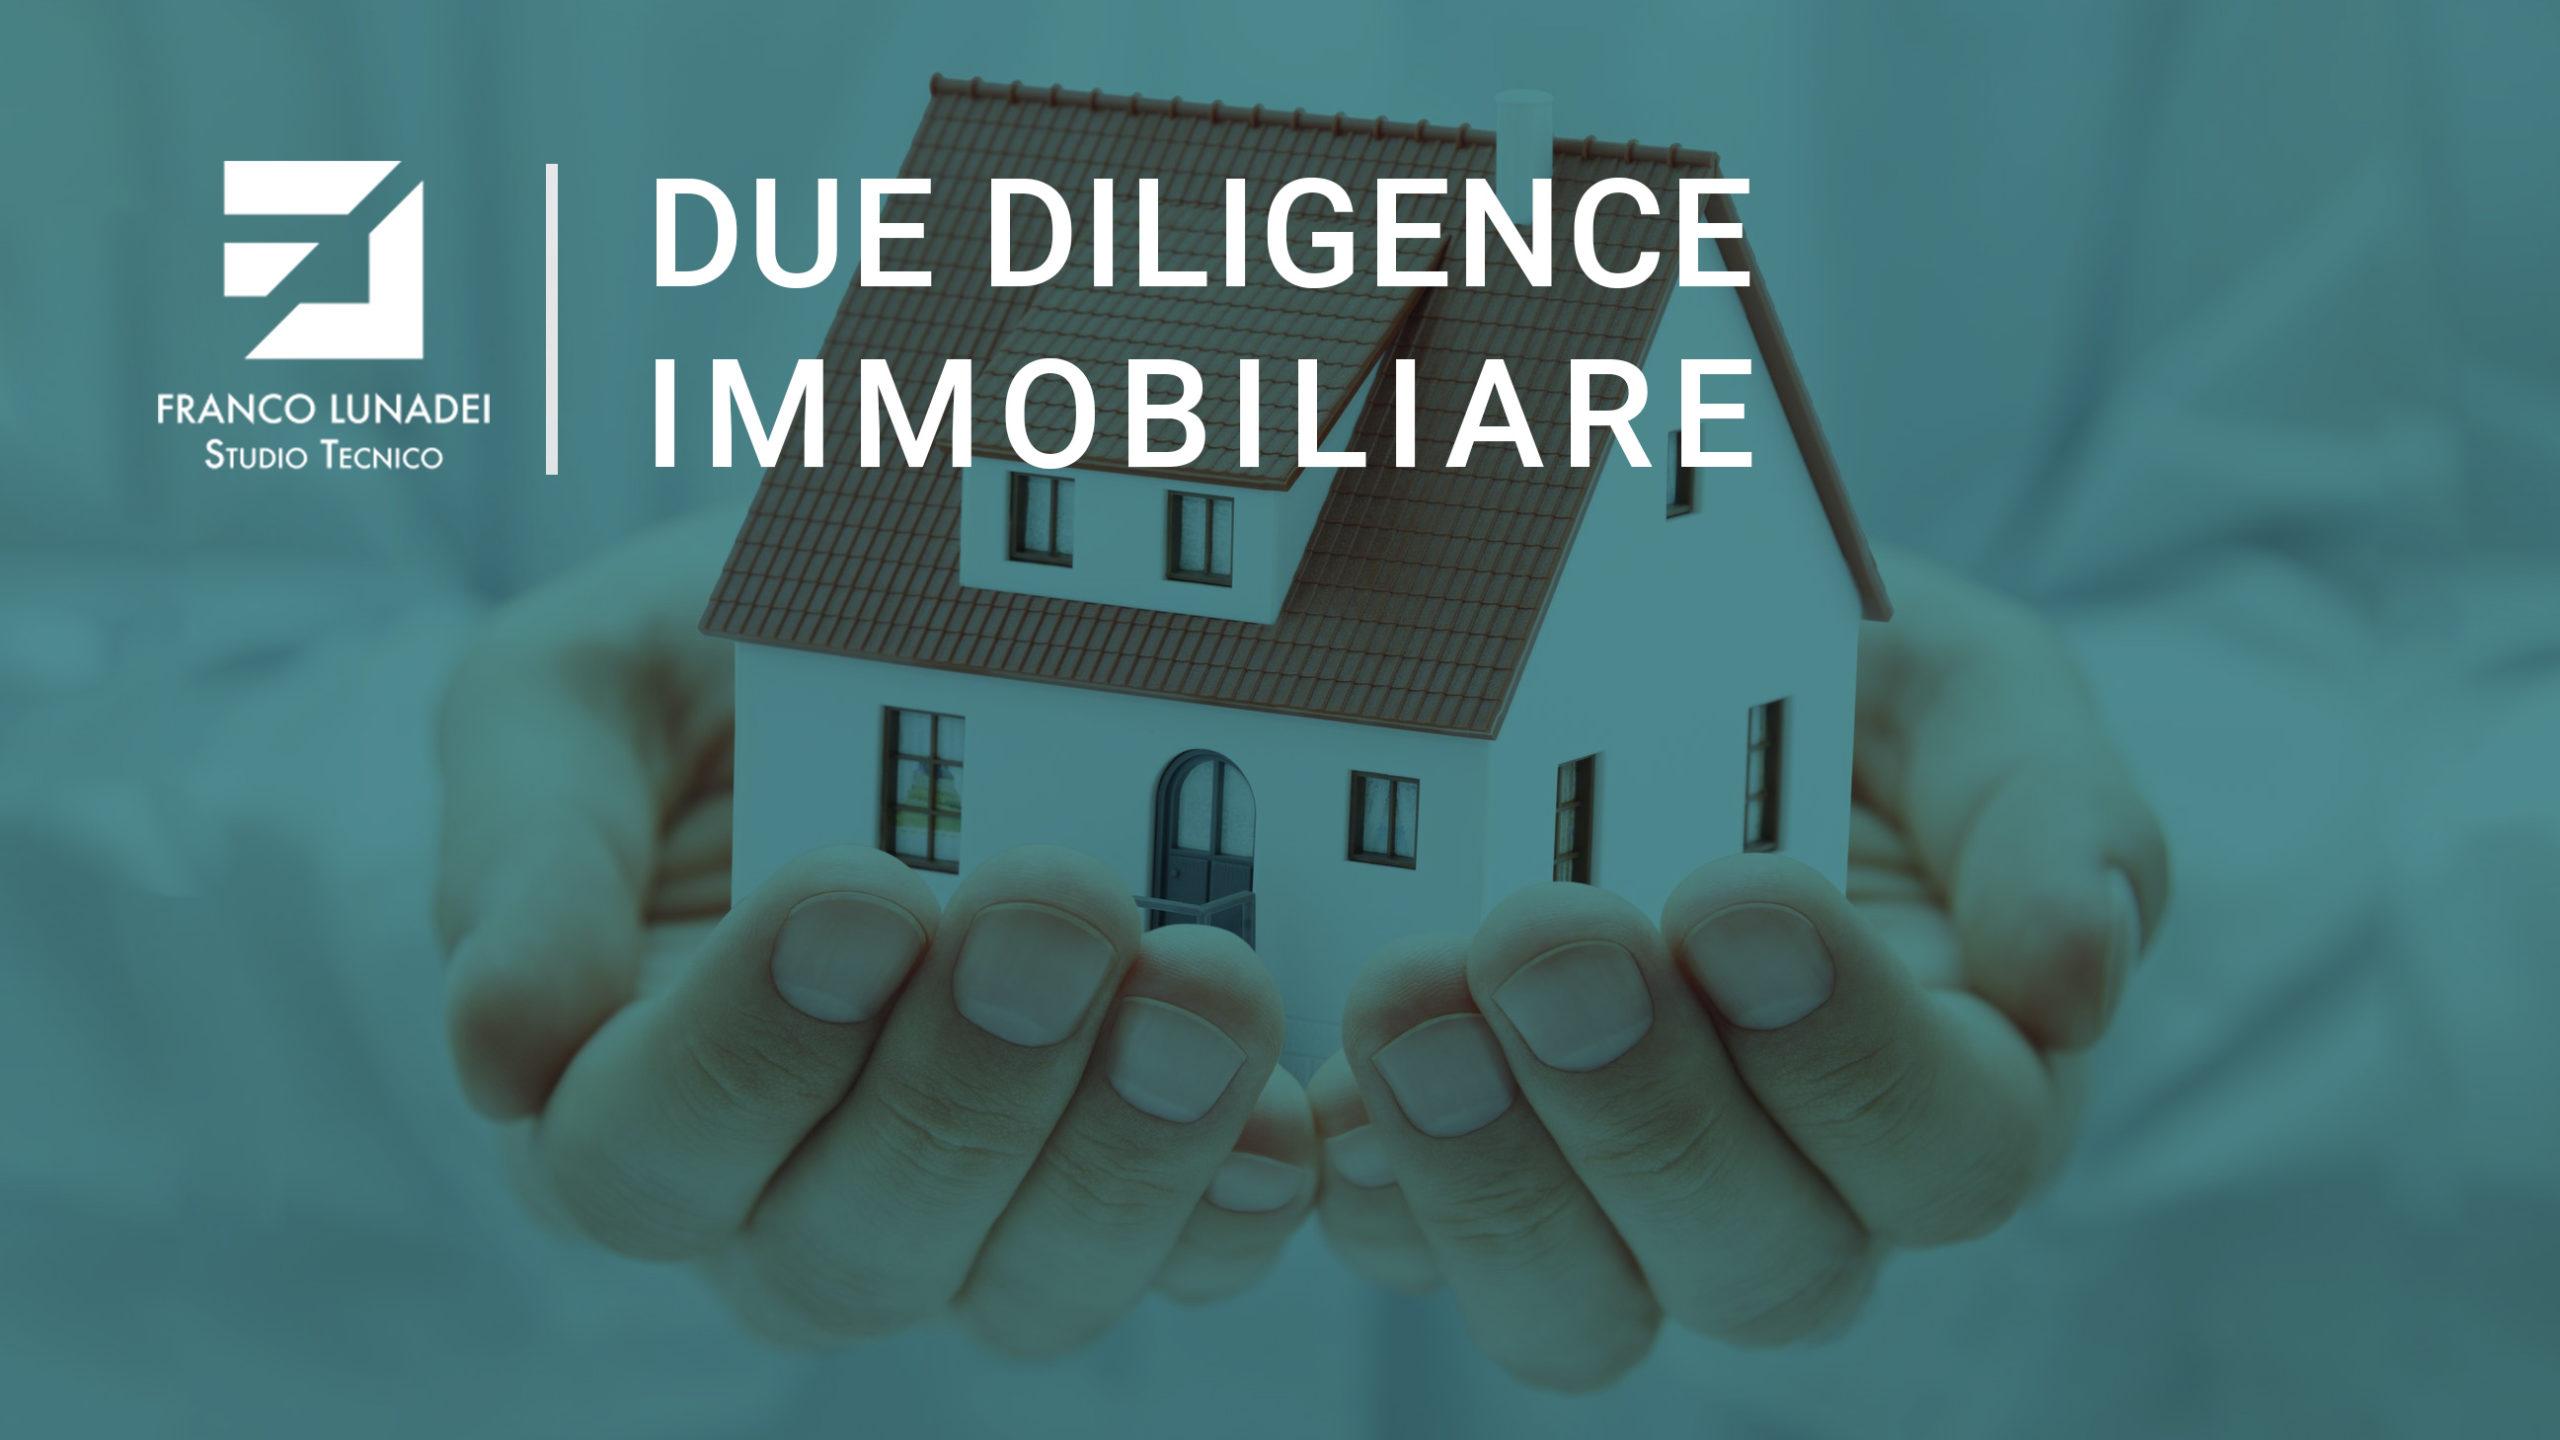 due diligence immobiliare a roma-studio tecnico franco lunadei